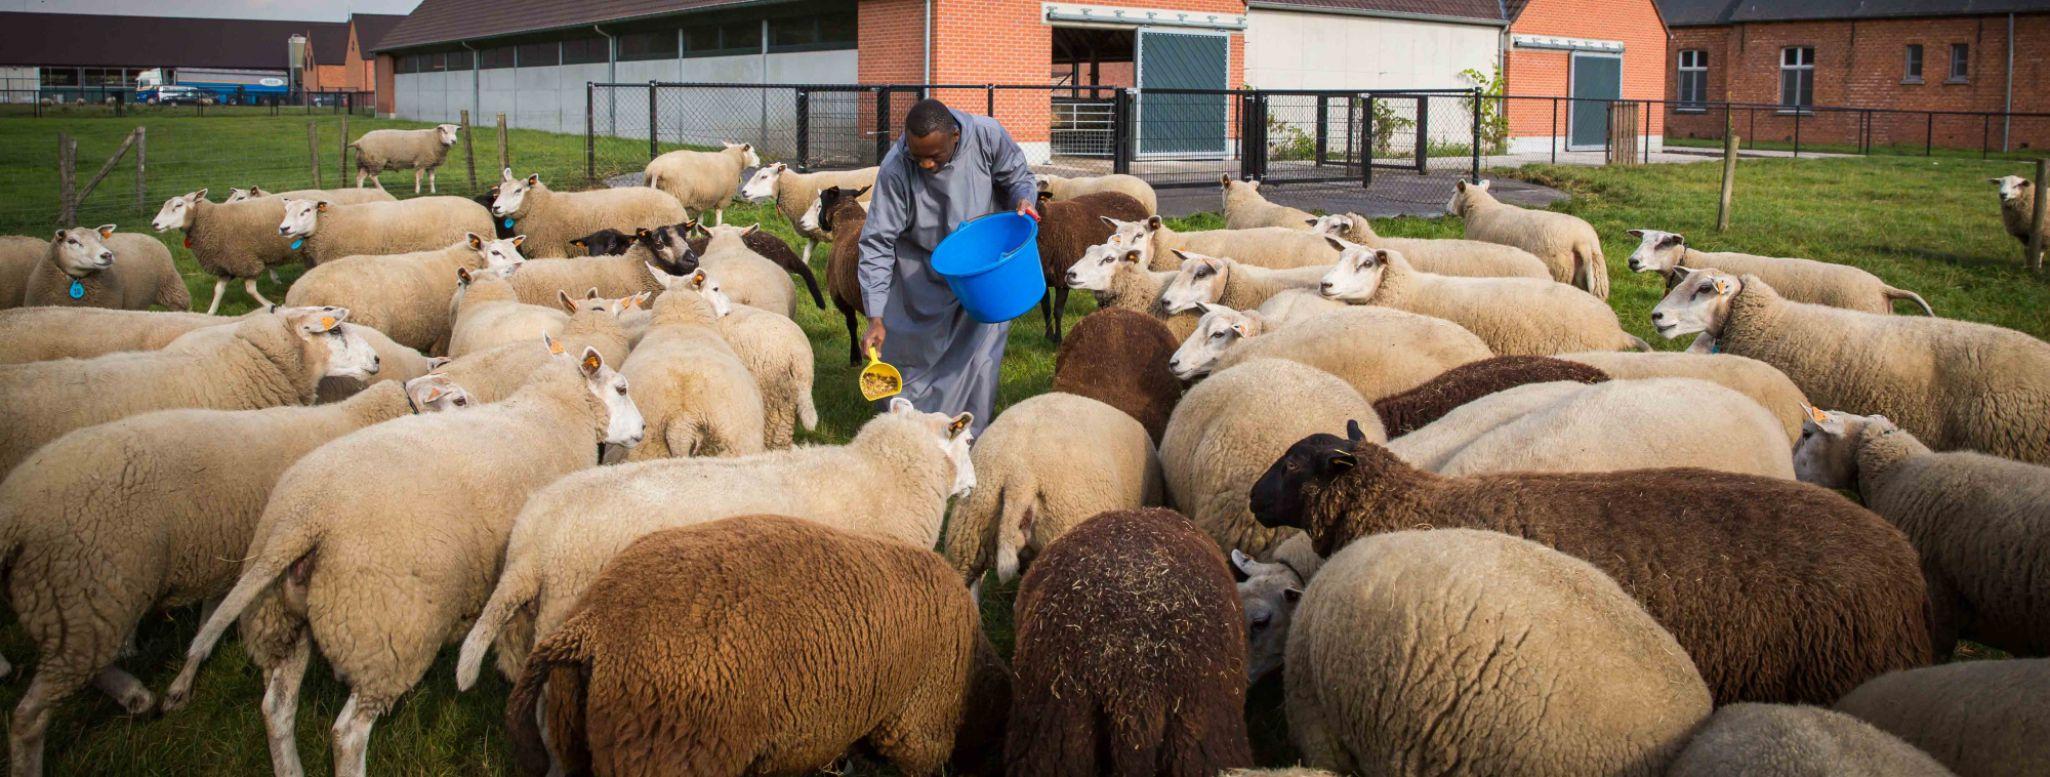 Voederen schapen boerderij van de Abdij der Trappisten Westmalle